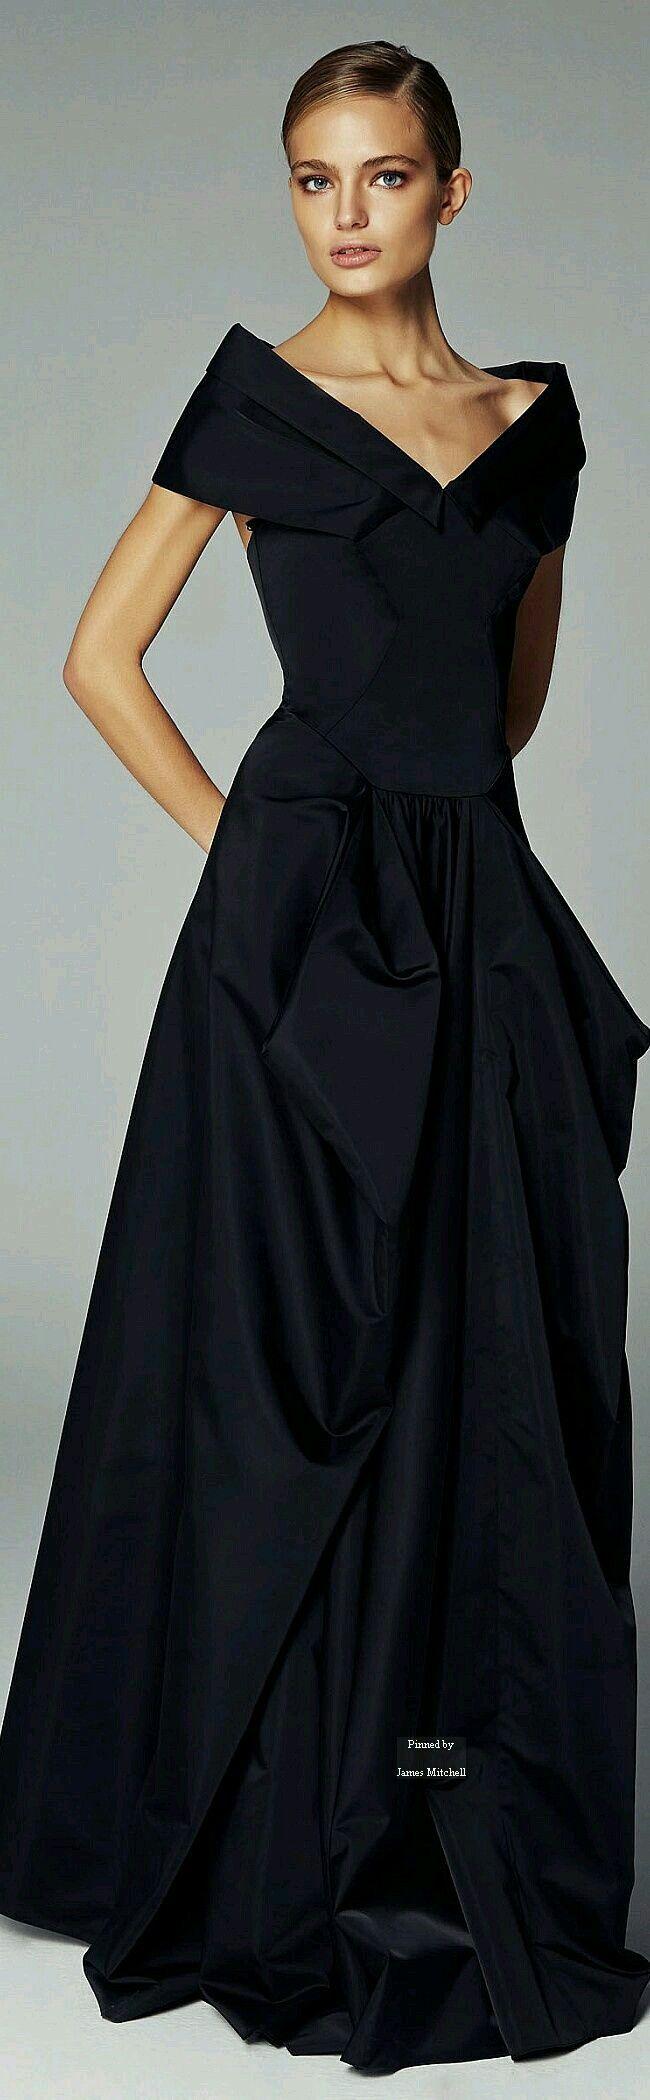 1429 besten Gowns Bilder auf Pinterest | Emmy rossum, Formalen mode ...